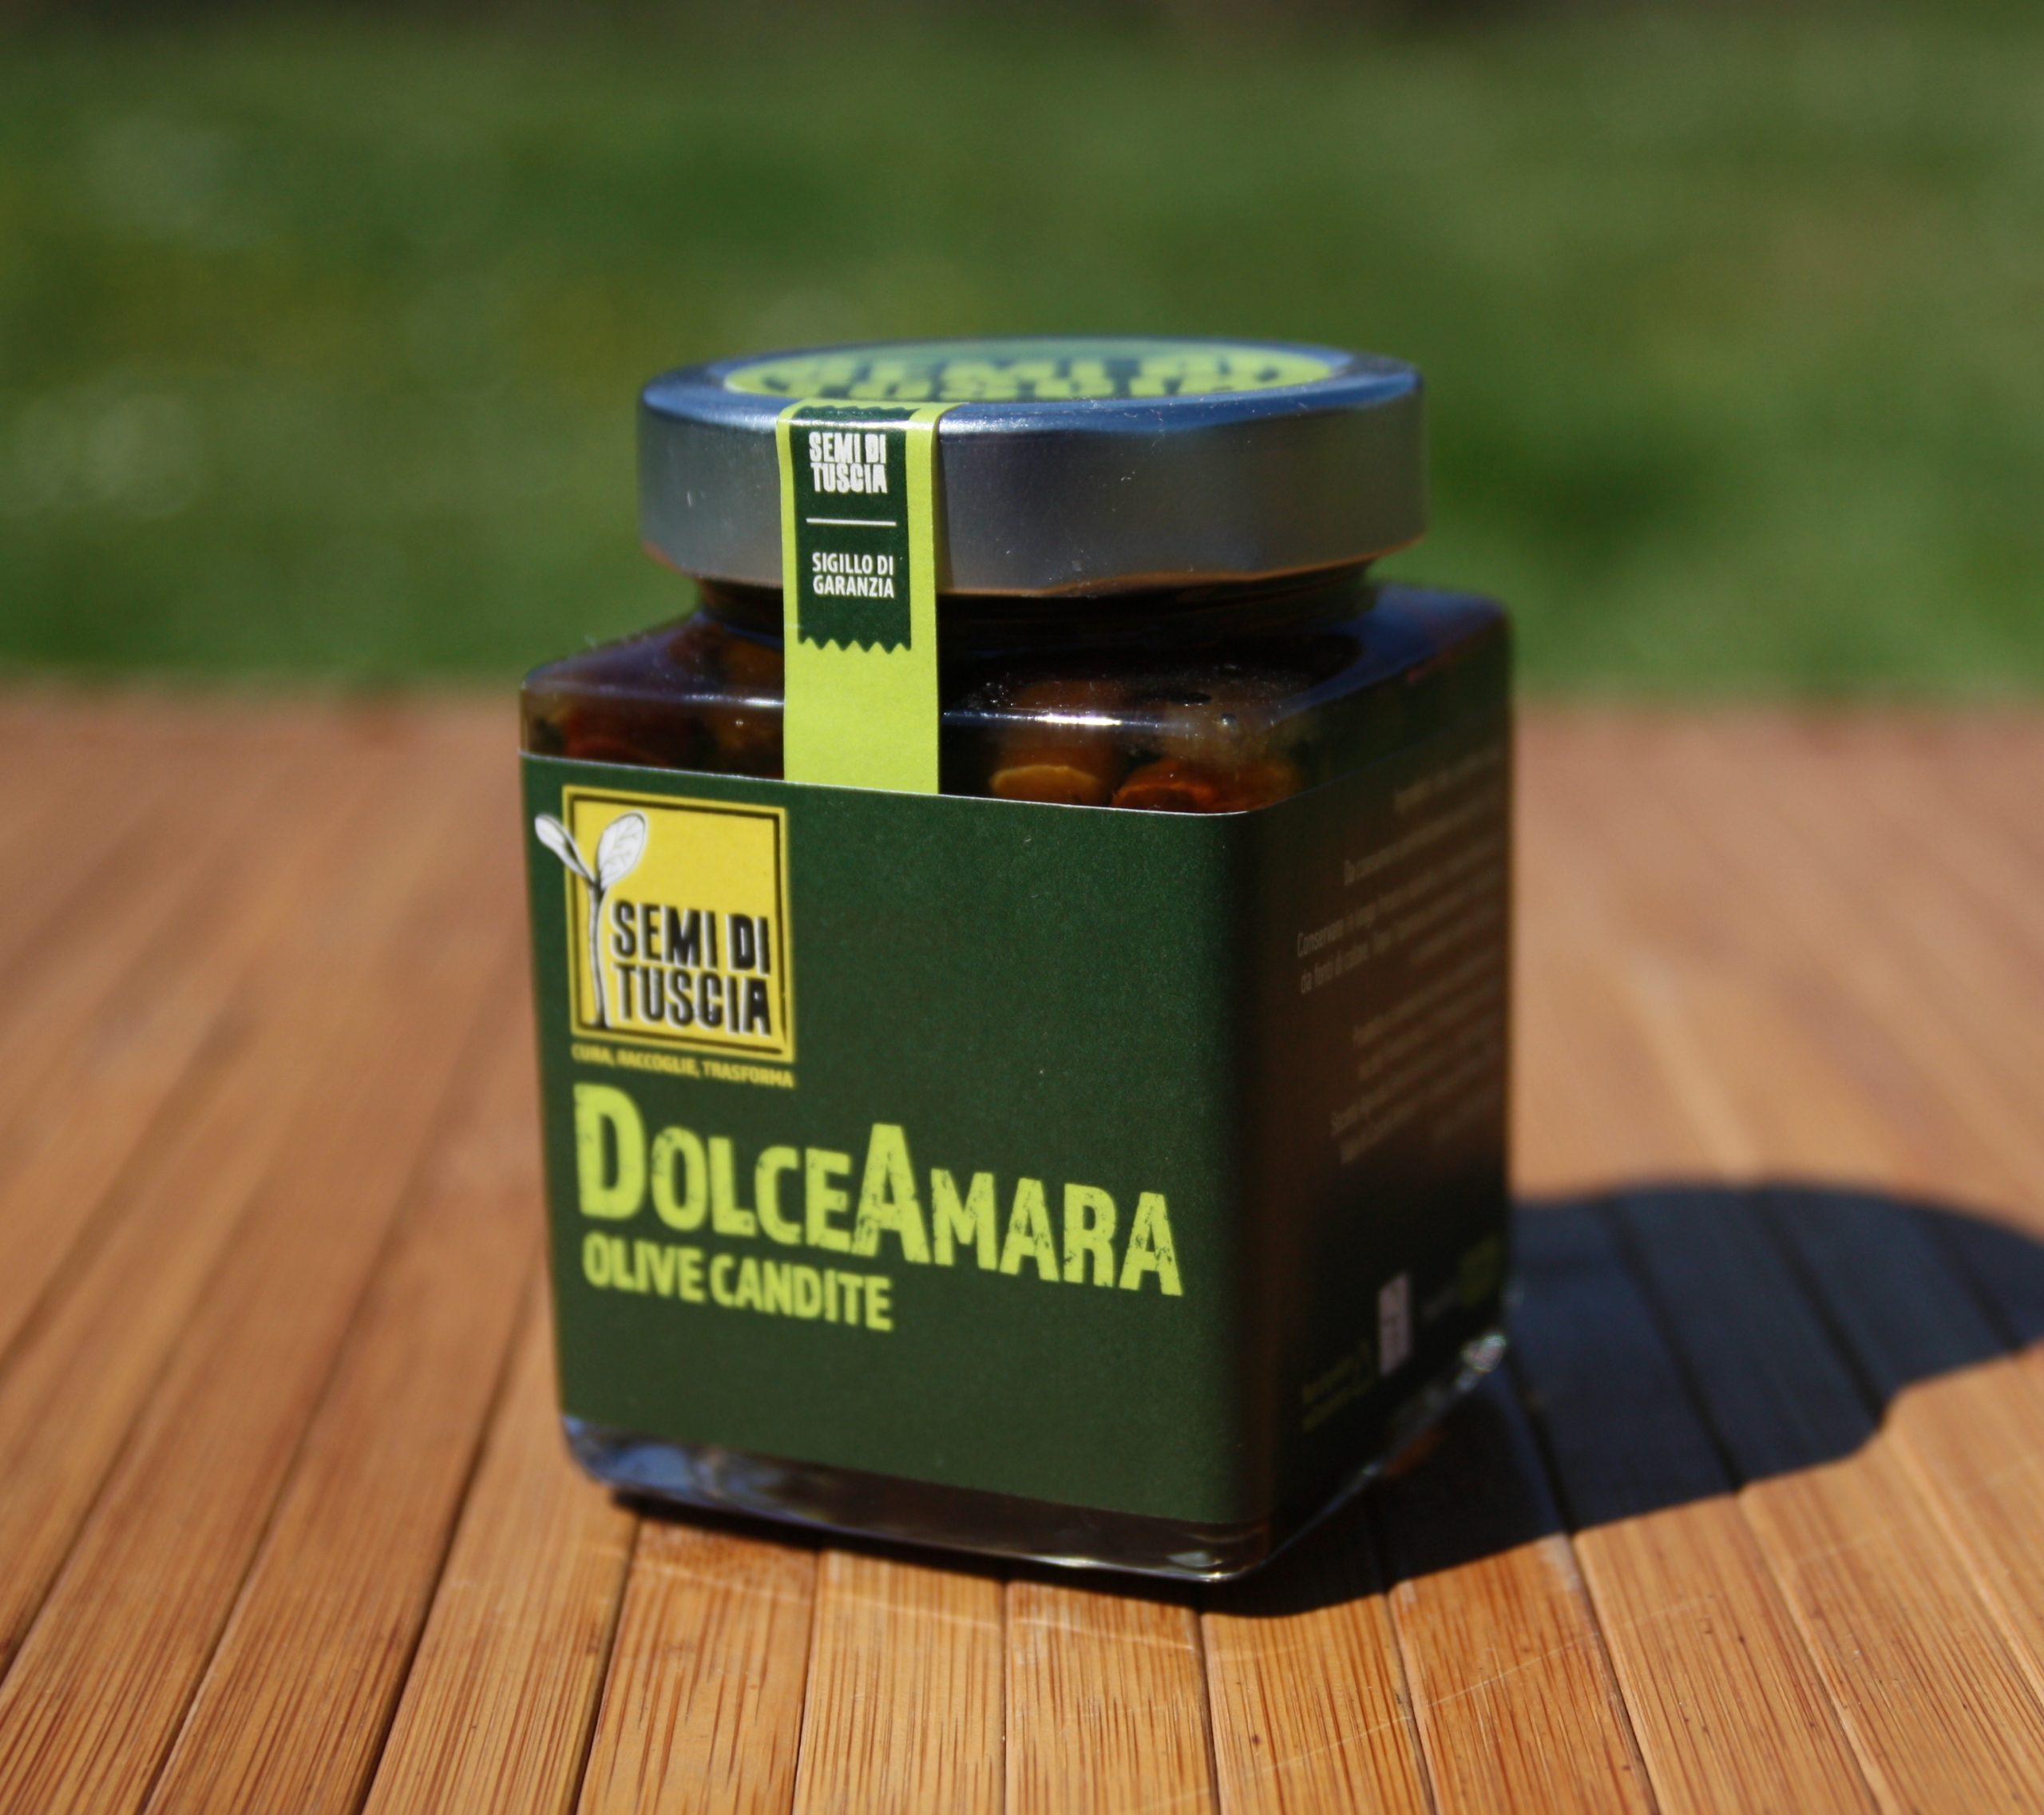 """Scopriamo insieme """"DolceAmara"""": come nasce un nuovo prodotto?"""